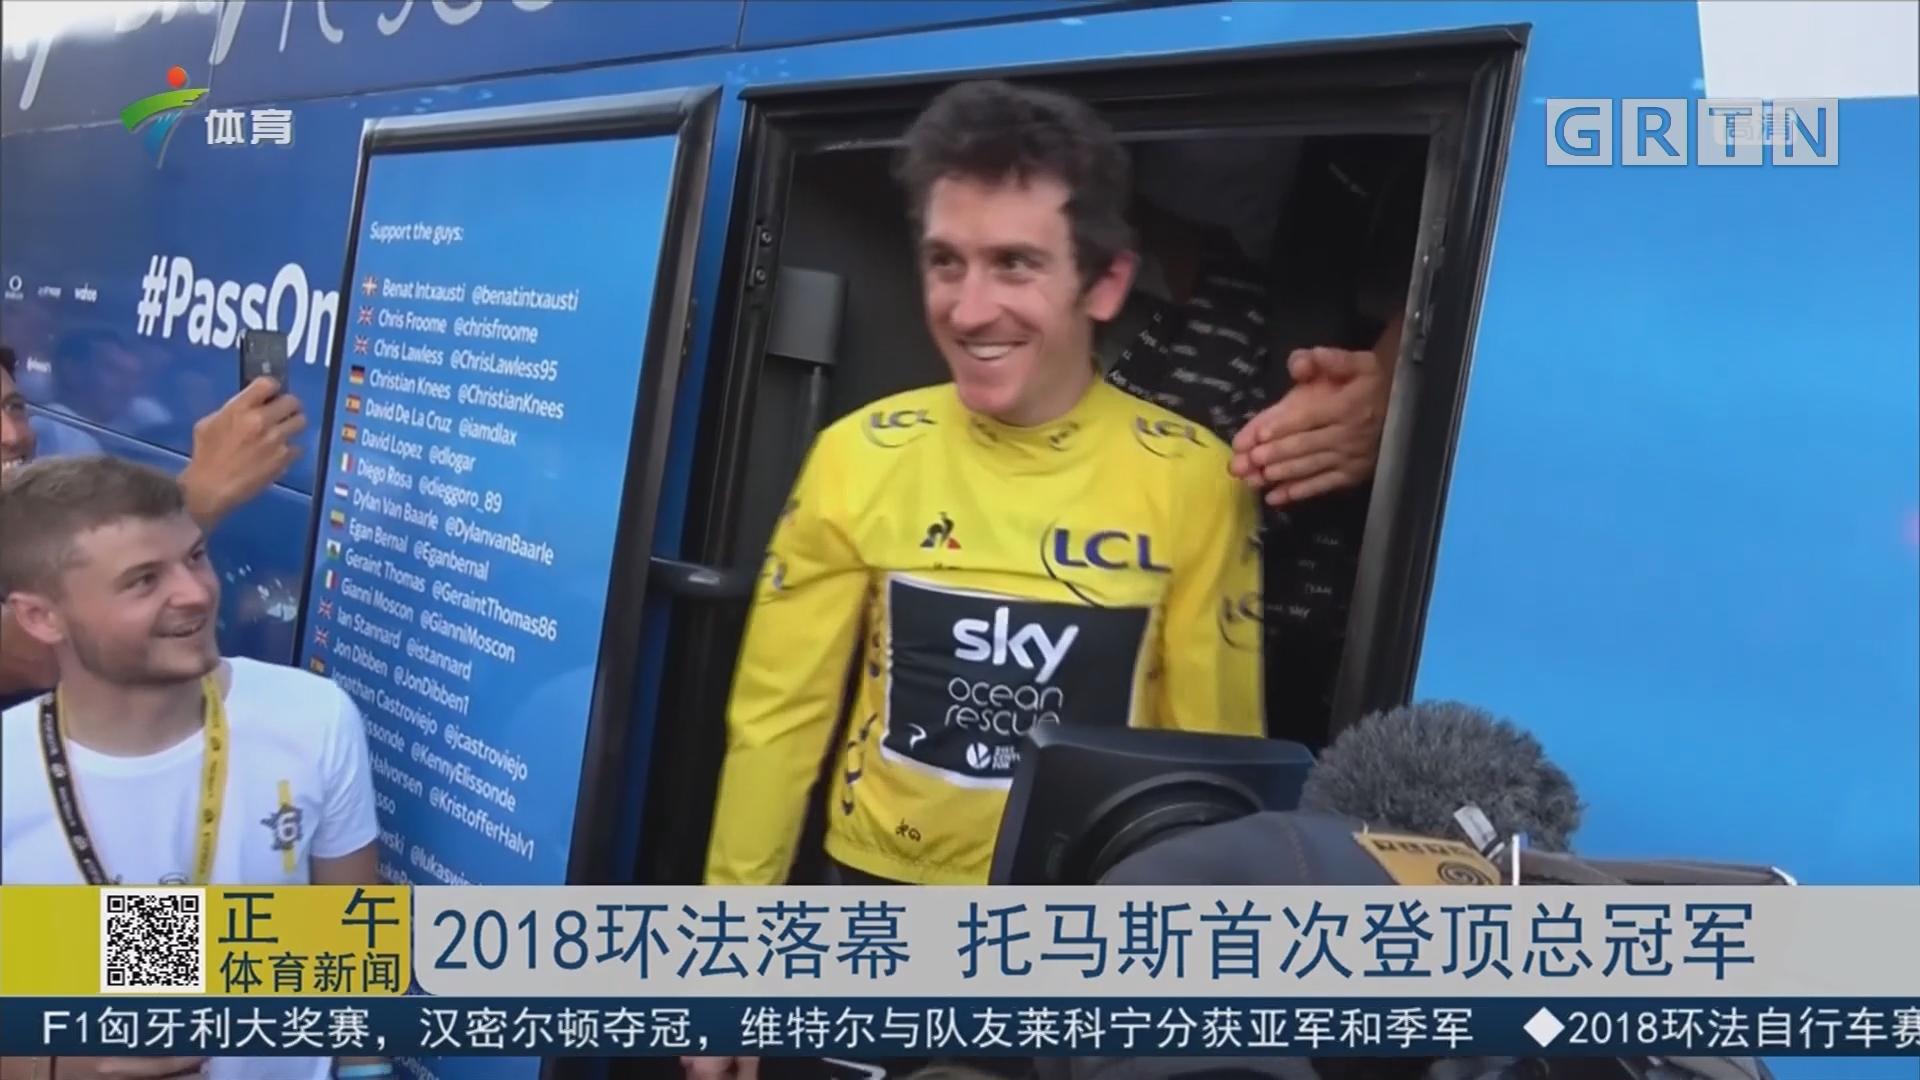 2018环法落幕 托马斯首次登顶总冠军